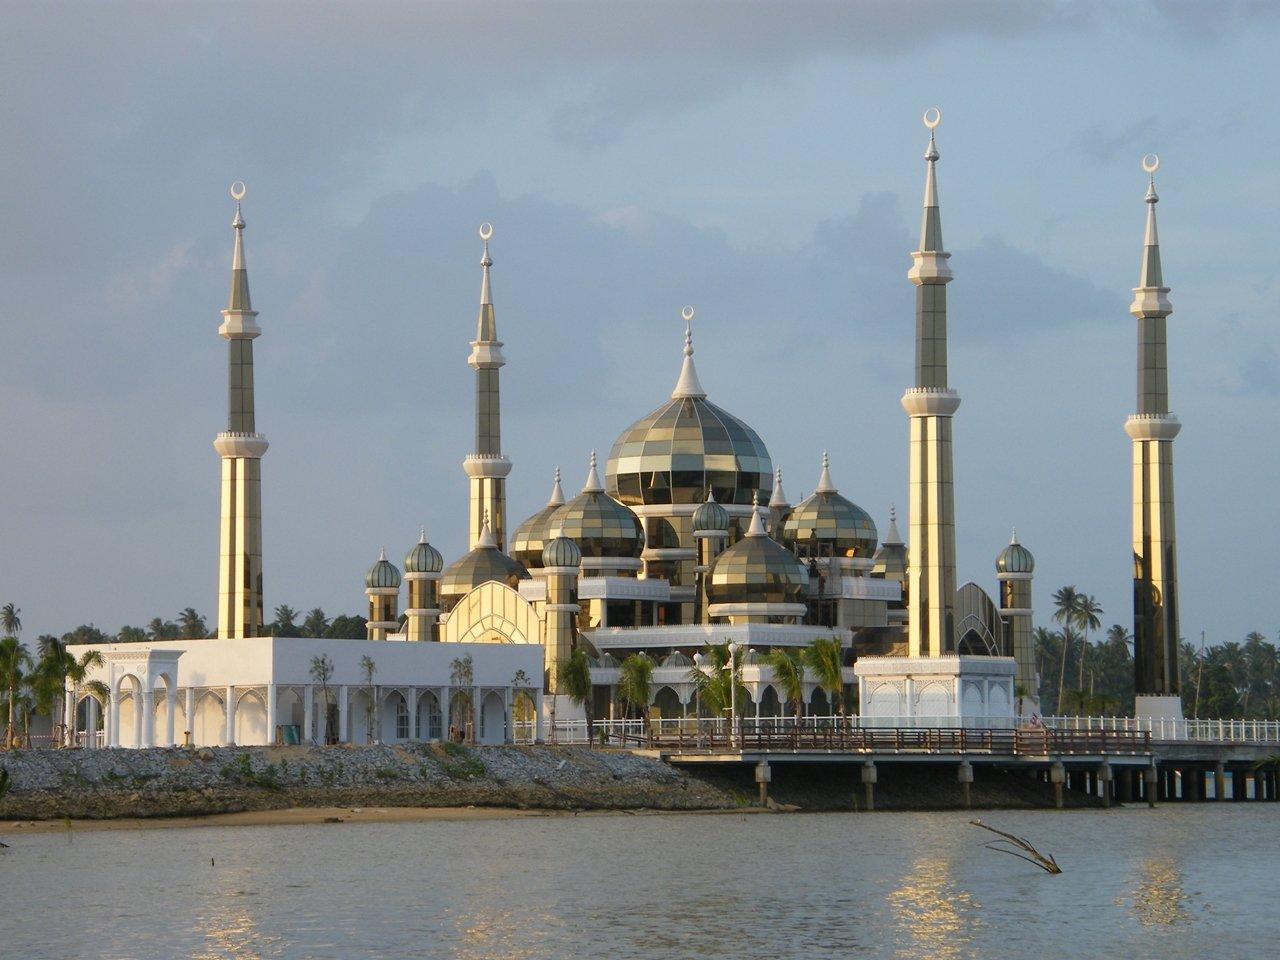 السياحة في ماليزيا: عناوين ونشاطات لا تفوت